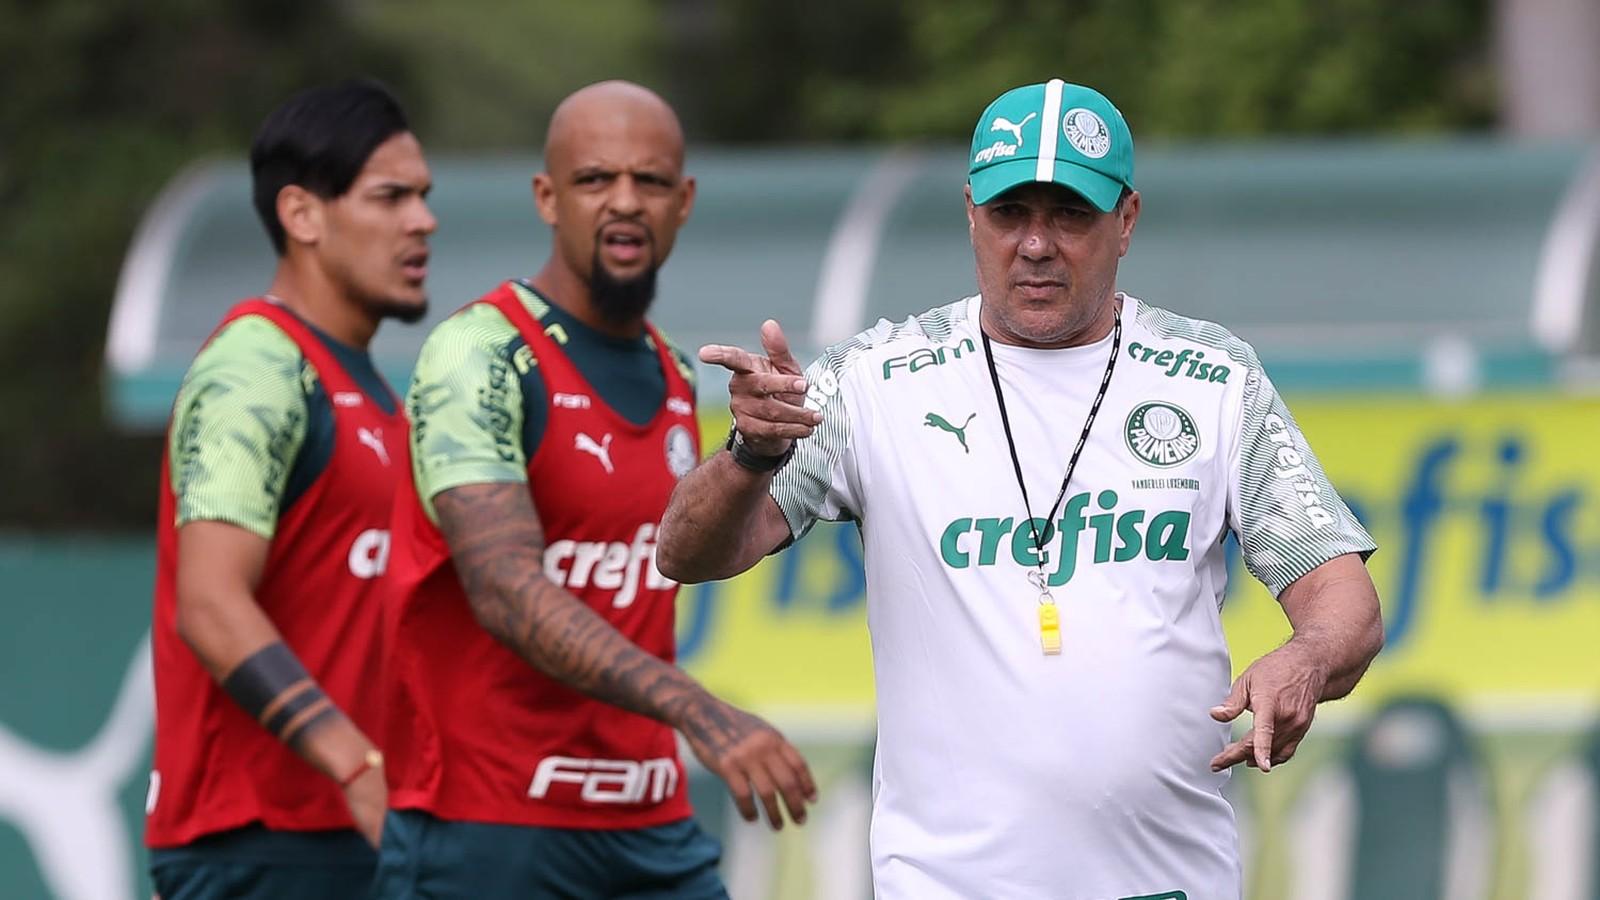 Escalação do Palmeiras: Luxa confirma a equipe titular para estreia no Campeonato Paulista